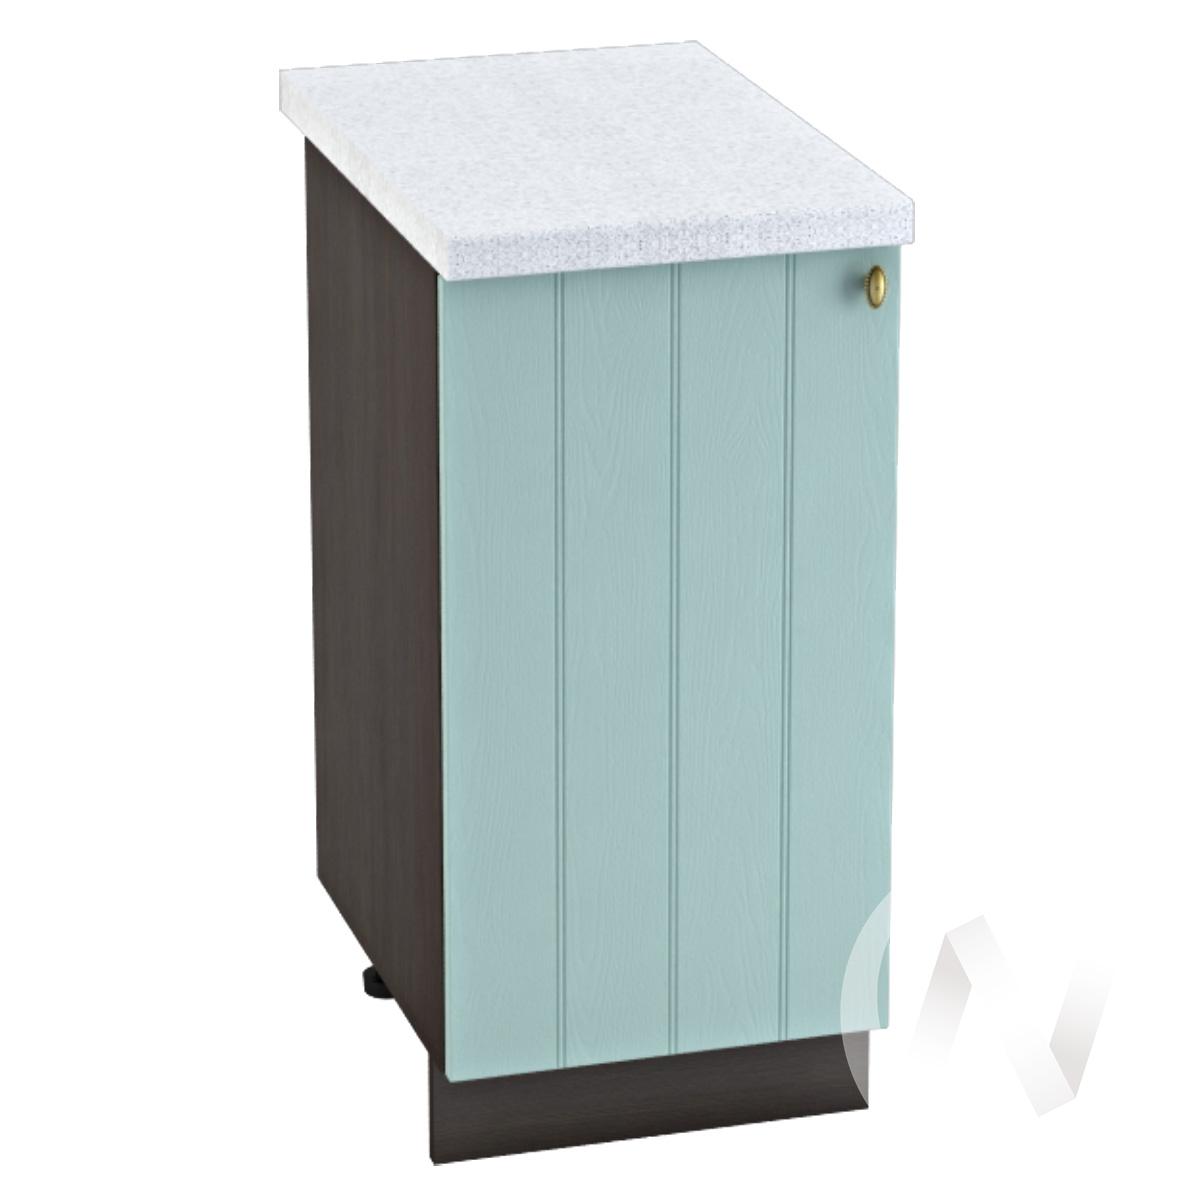 """Кухня """"Прованс"""": Шкаф нижний 400, ШН 400 (голубой/корпус венге)"""